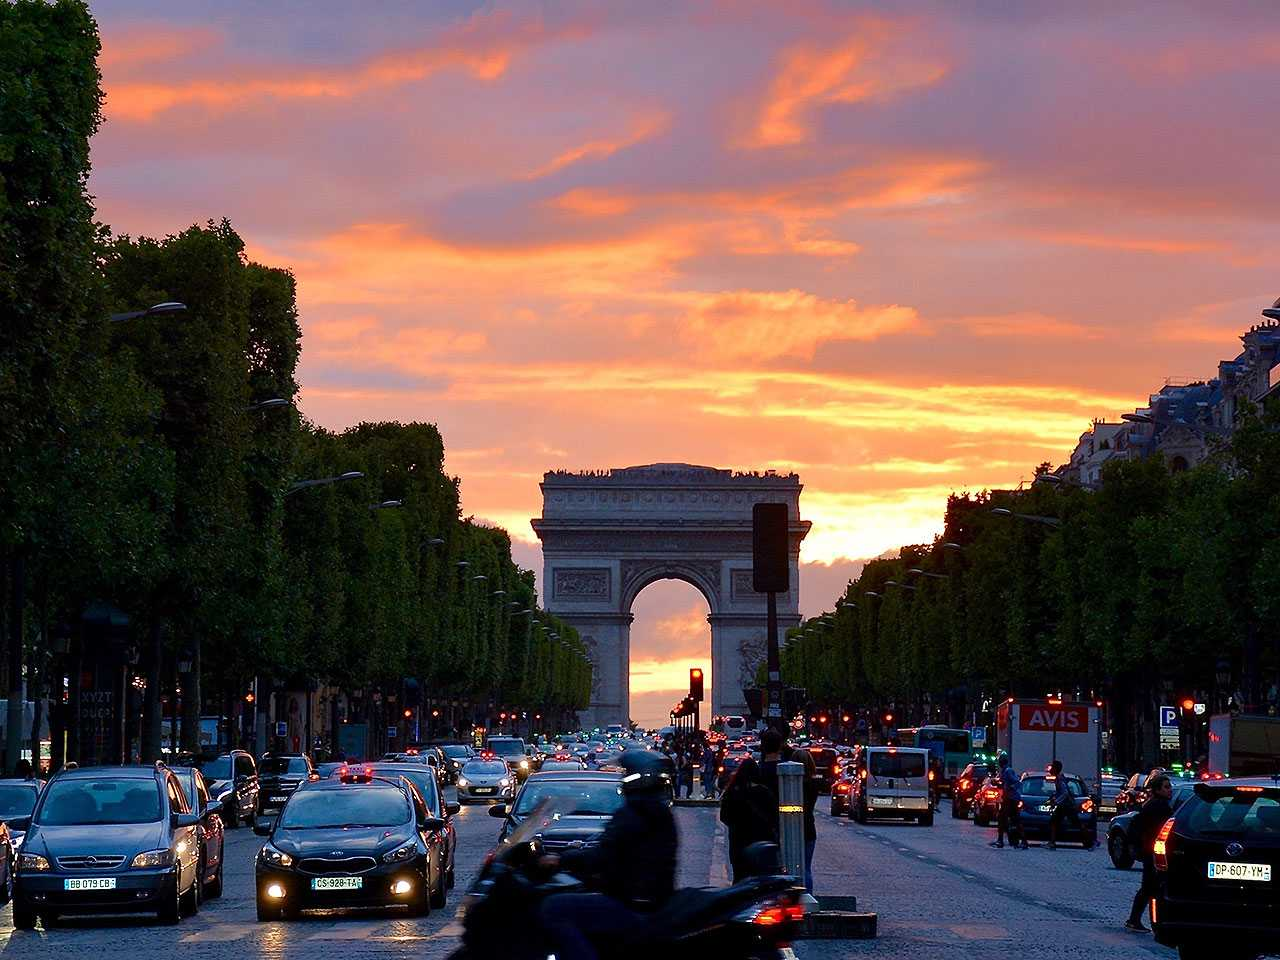 Exceção à nova regra, avenida Champs-Élysées terá limite maior, no caso 50 km/h